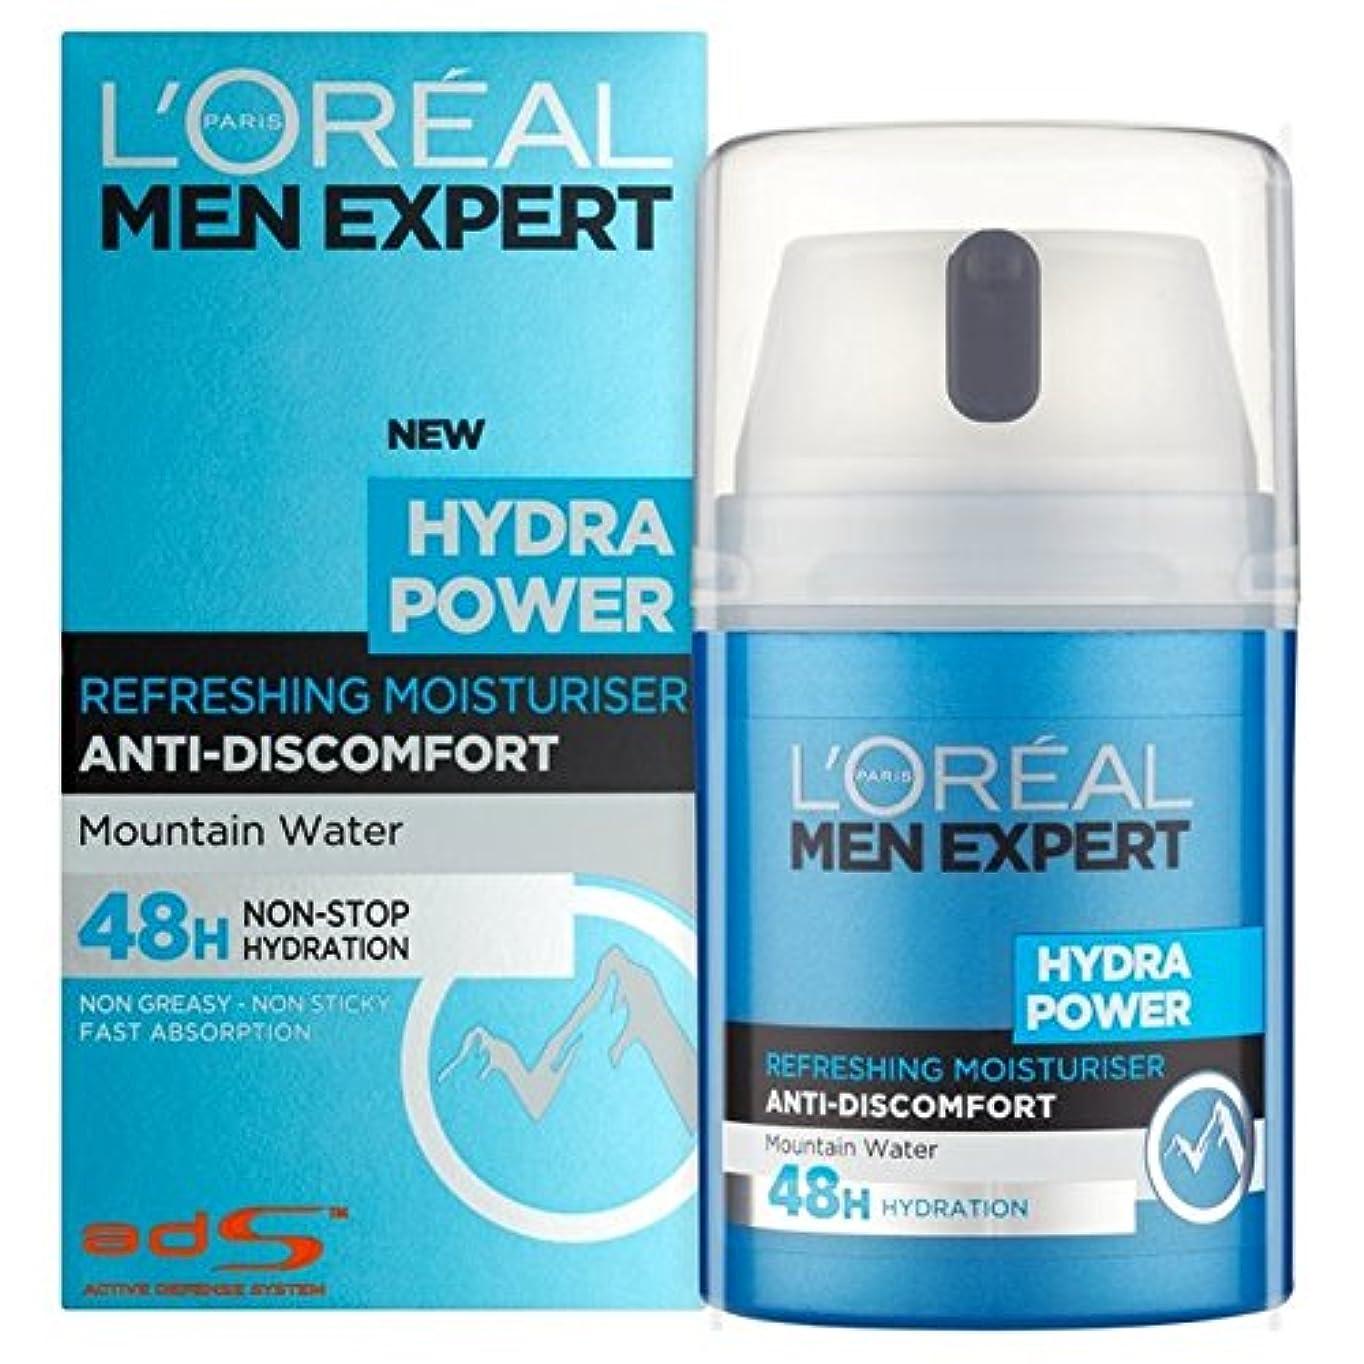 オピエート用心フローL'Oreal Paris Men Expert Hydra Power Refreshing Moisturiser 50ml - ロレアルパリのメンズ専門ヒドラ電源爽やか保湿50ミリリットル [並行輸入品]